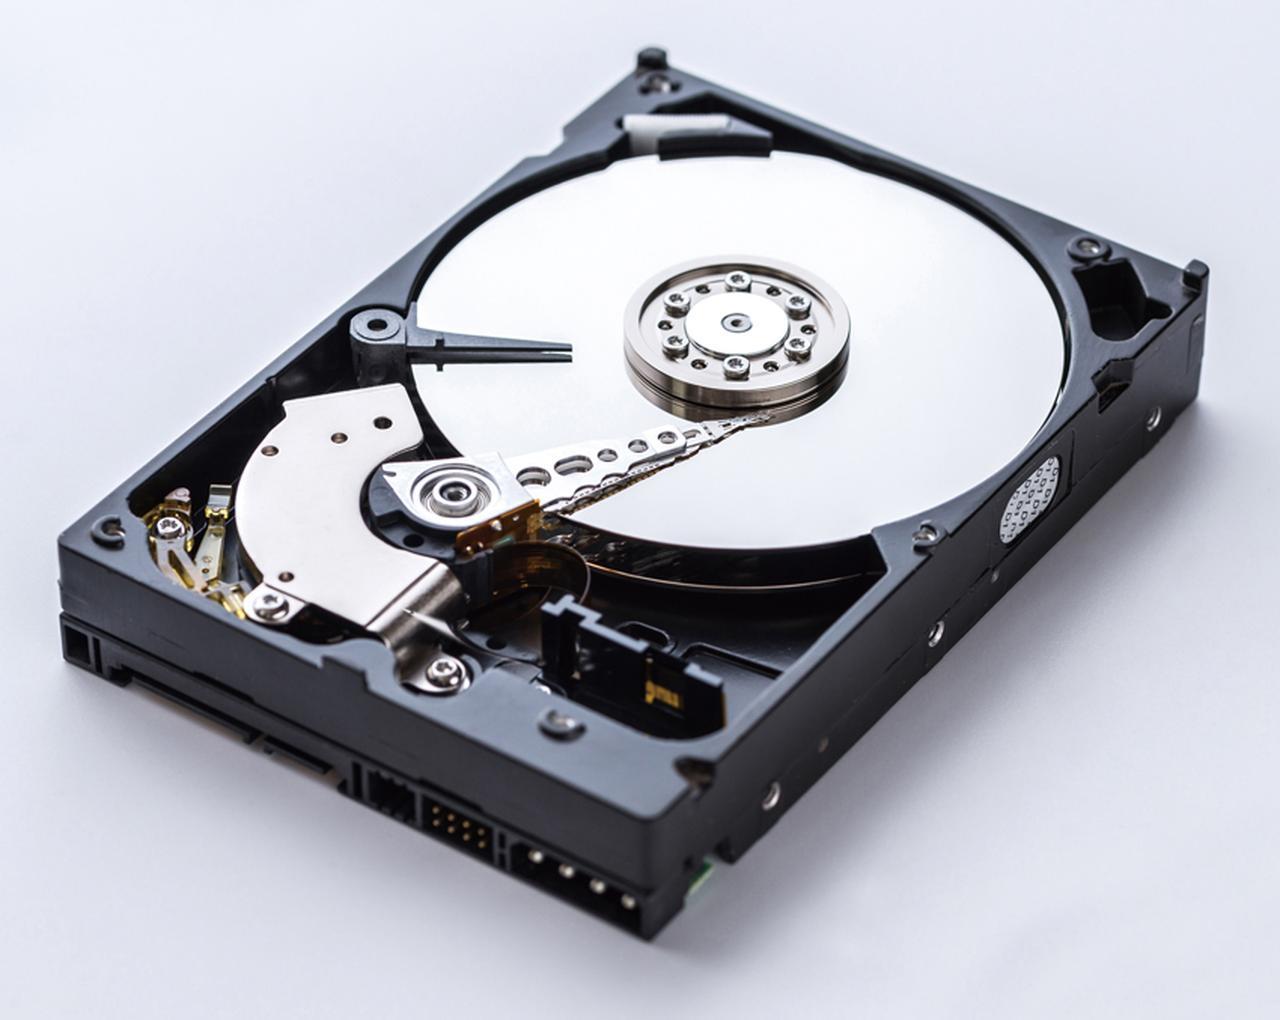 画像: パソコンが故障すると、HDDが壊れていなくても中身を読み出せなくなる。外付けHDDも、中には同等のHDDが入っている。